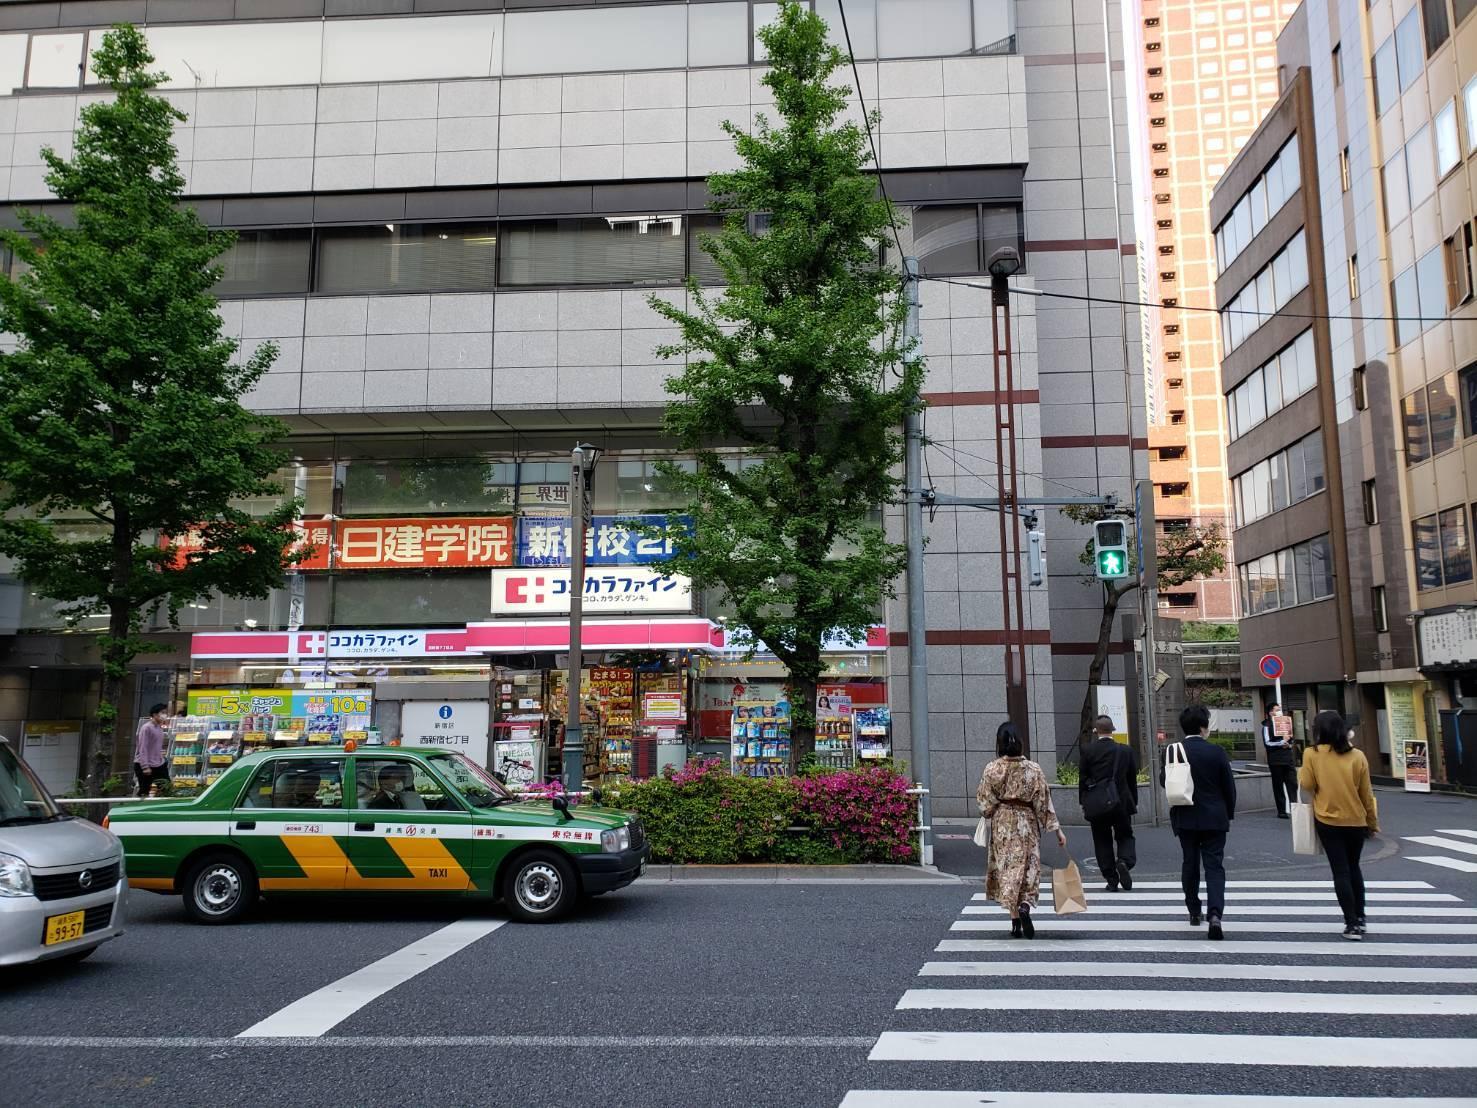 現在の西新宿の風景 博文堂書店新宿店跡地_b0042308_14385132.jpg